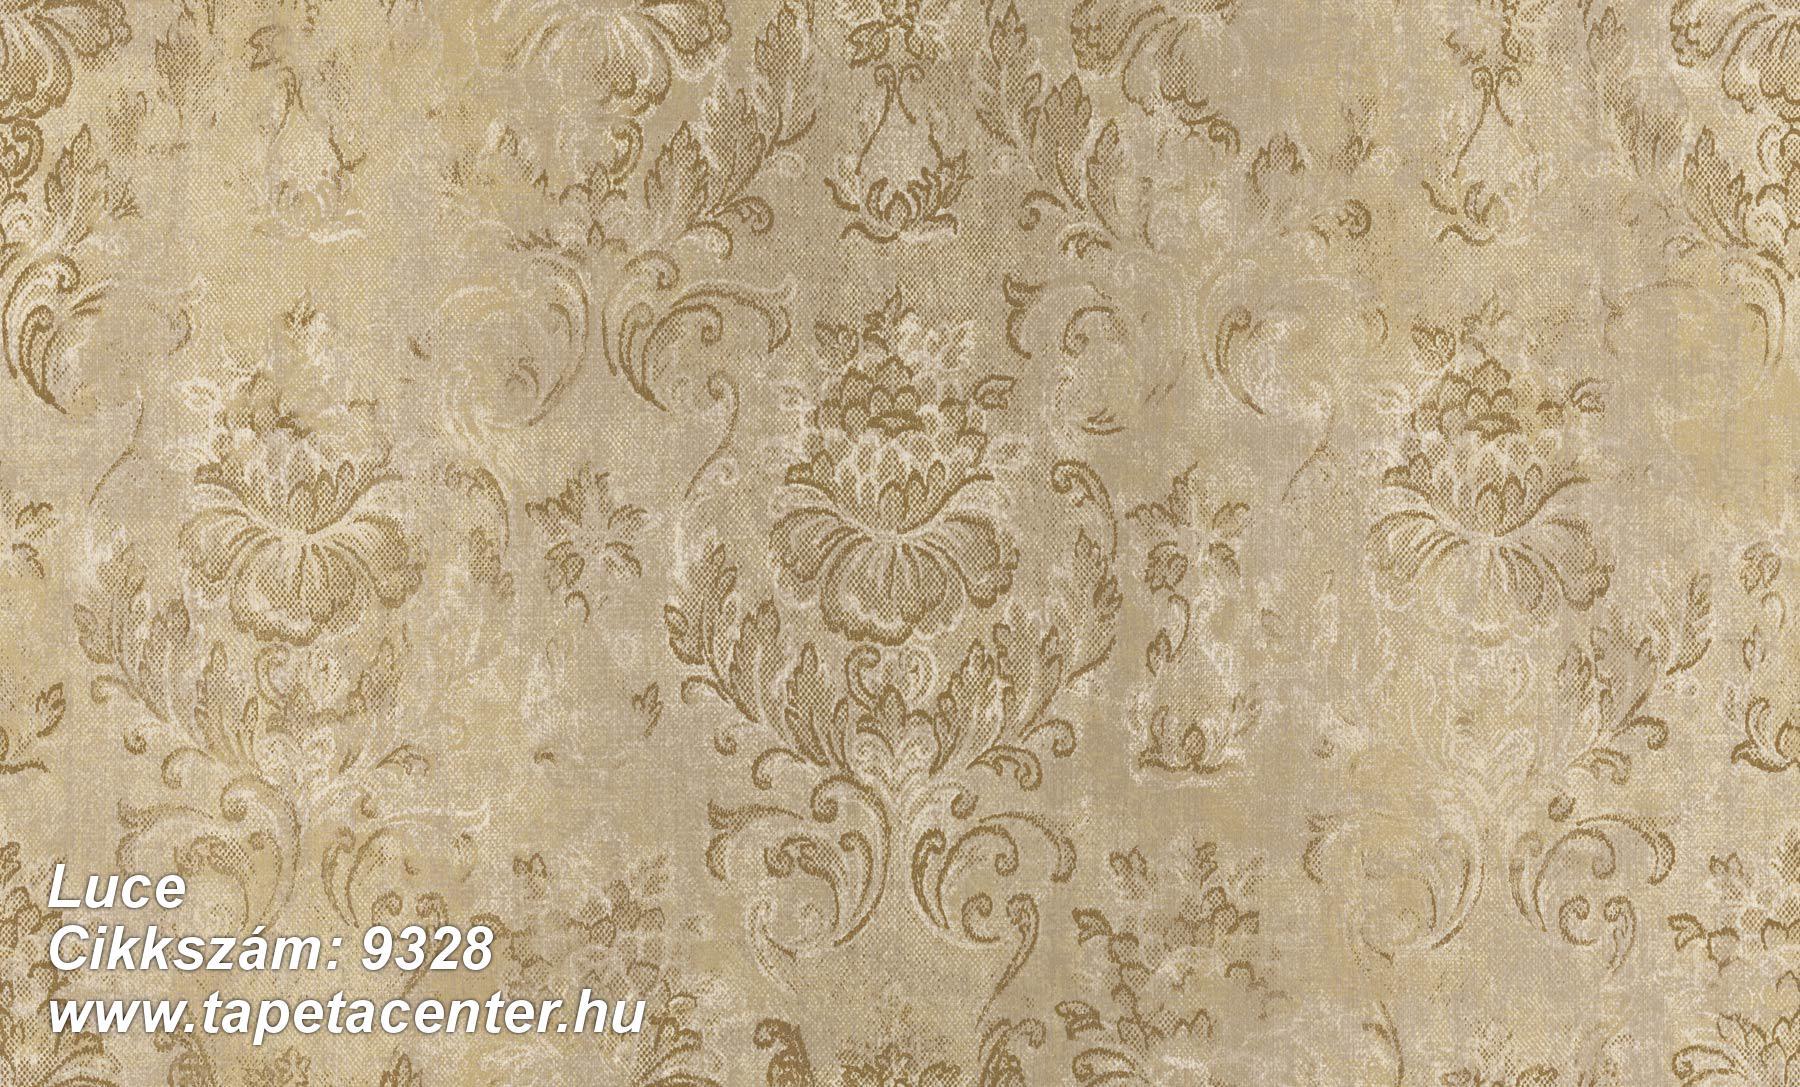 Barokk-klasszikus,különleges felületű,virágmintás,arany,barna,súrolható,vlies tapéta